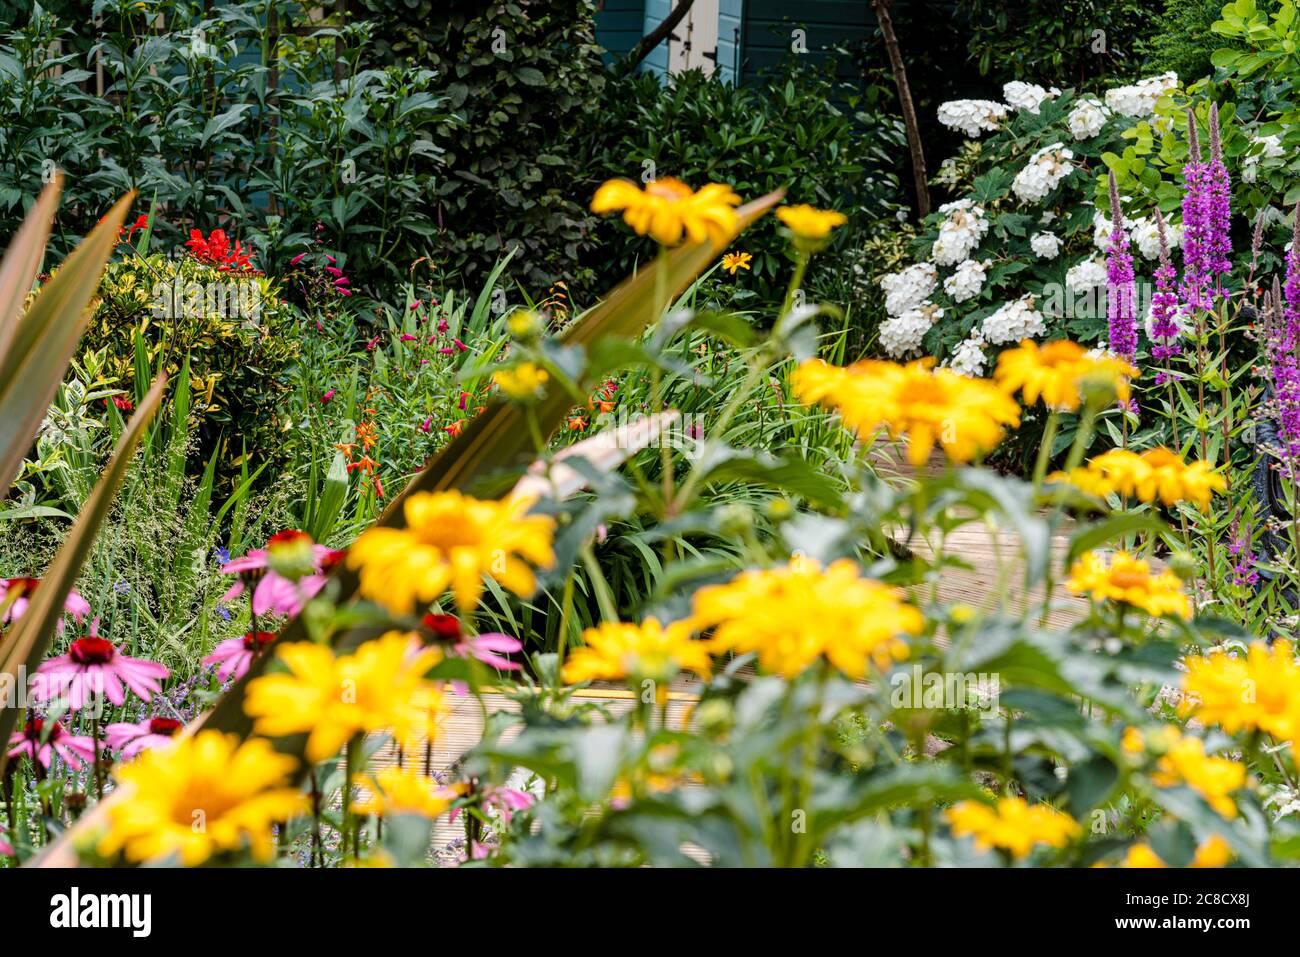 confine fiorito estivo occupato Foto Stock